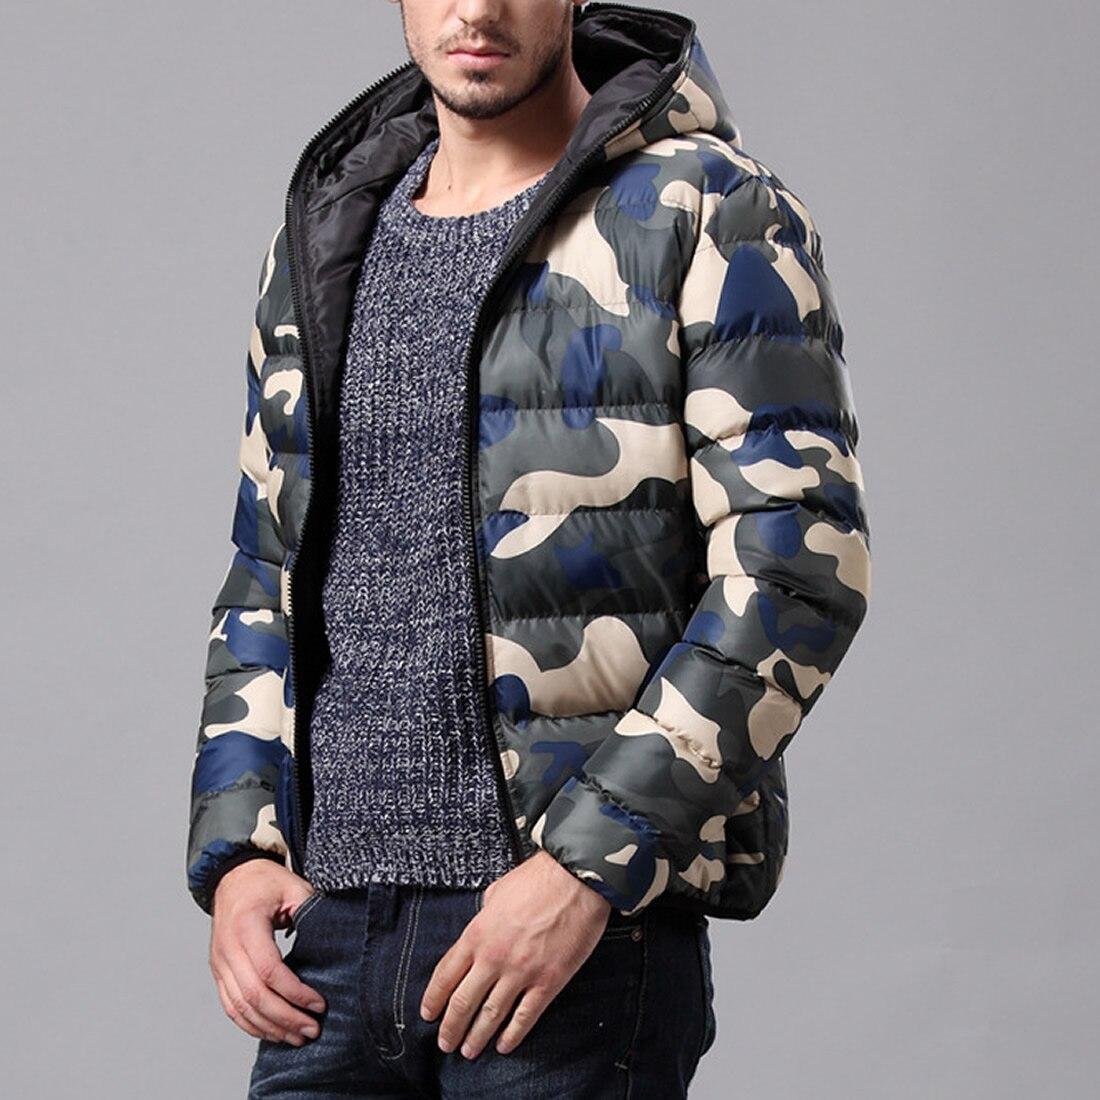 100% QualitäT Herren Winter Parkas Camouflage Gedruckt Mit Kapuze Winter Jacken Männer Zipper Plus Größe Unten Jacke Herren Mantel Jugend Winter Jacken